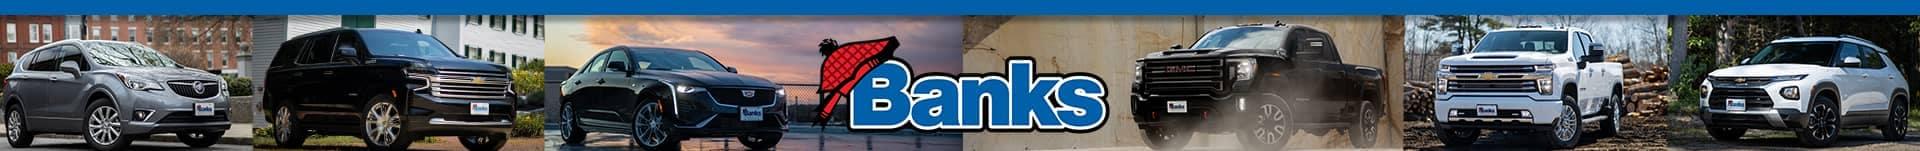 Banks Banner